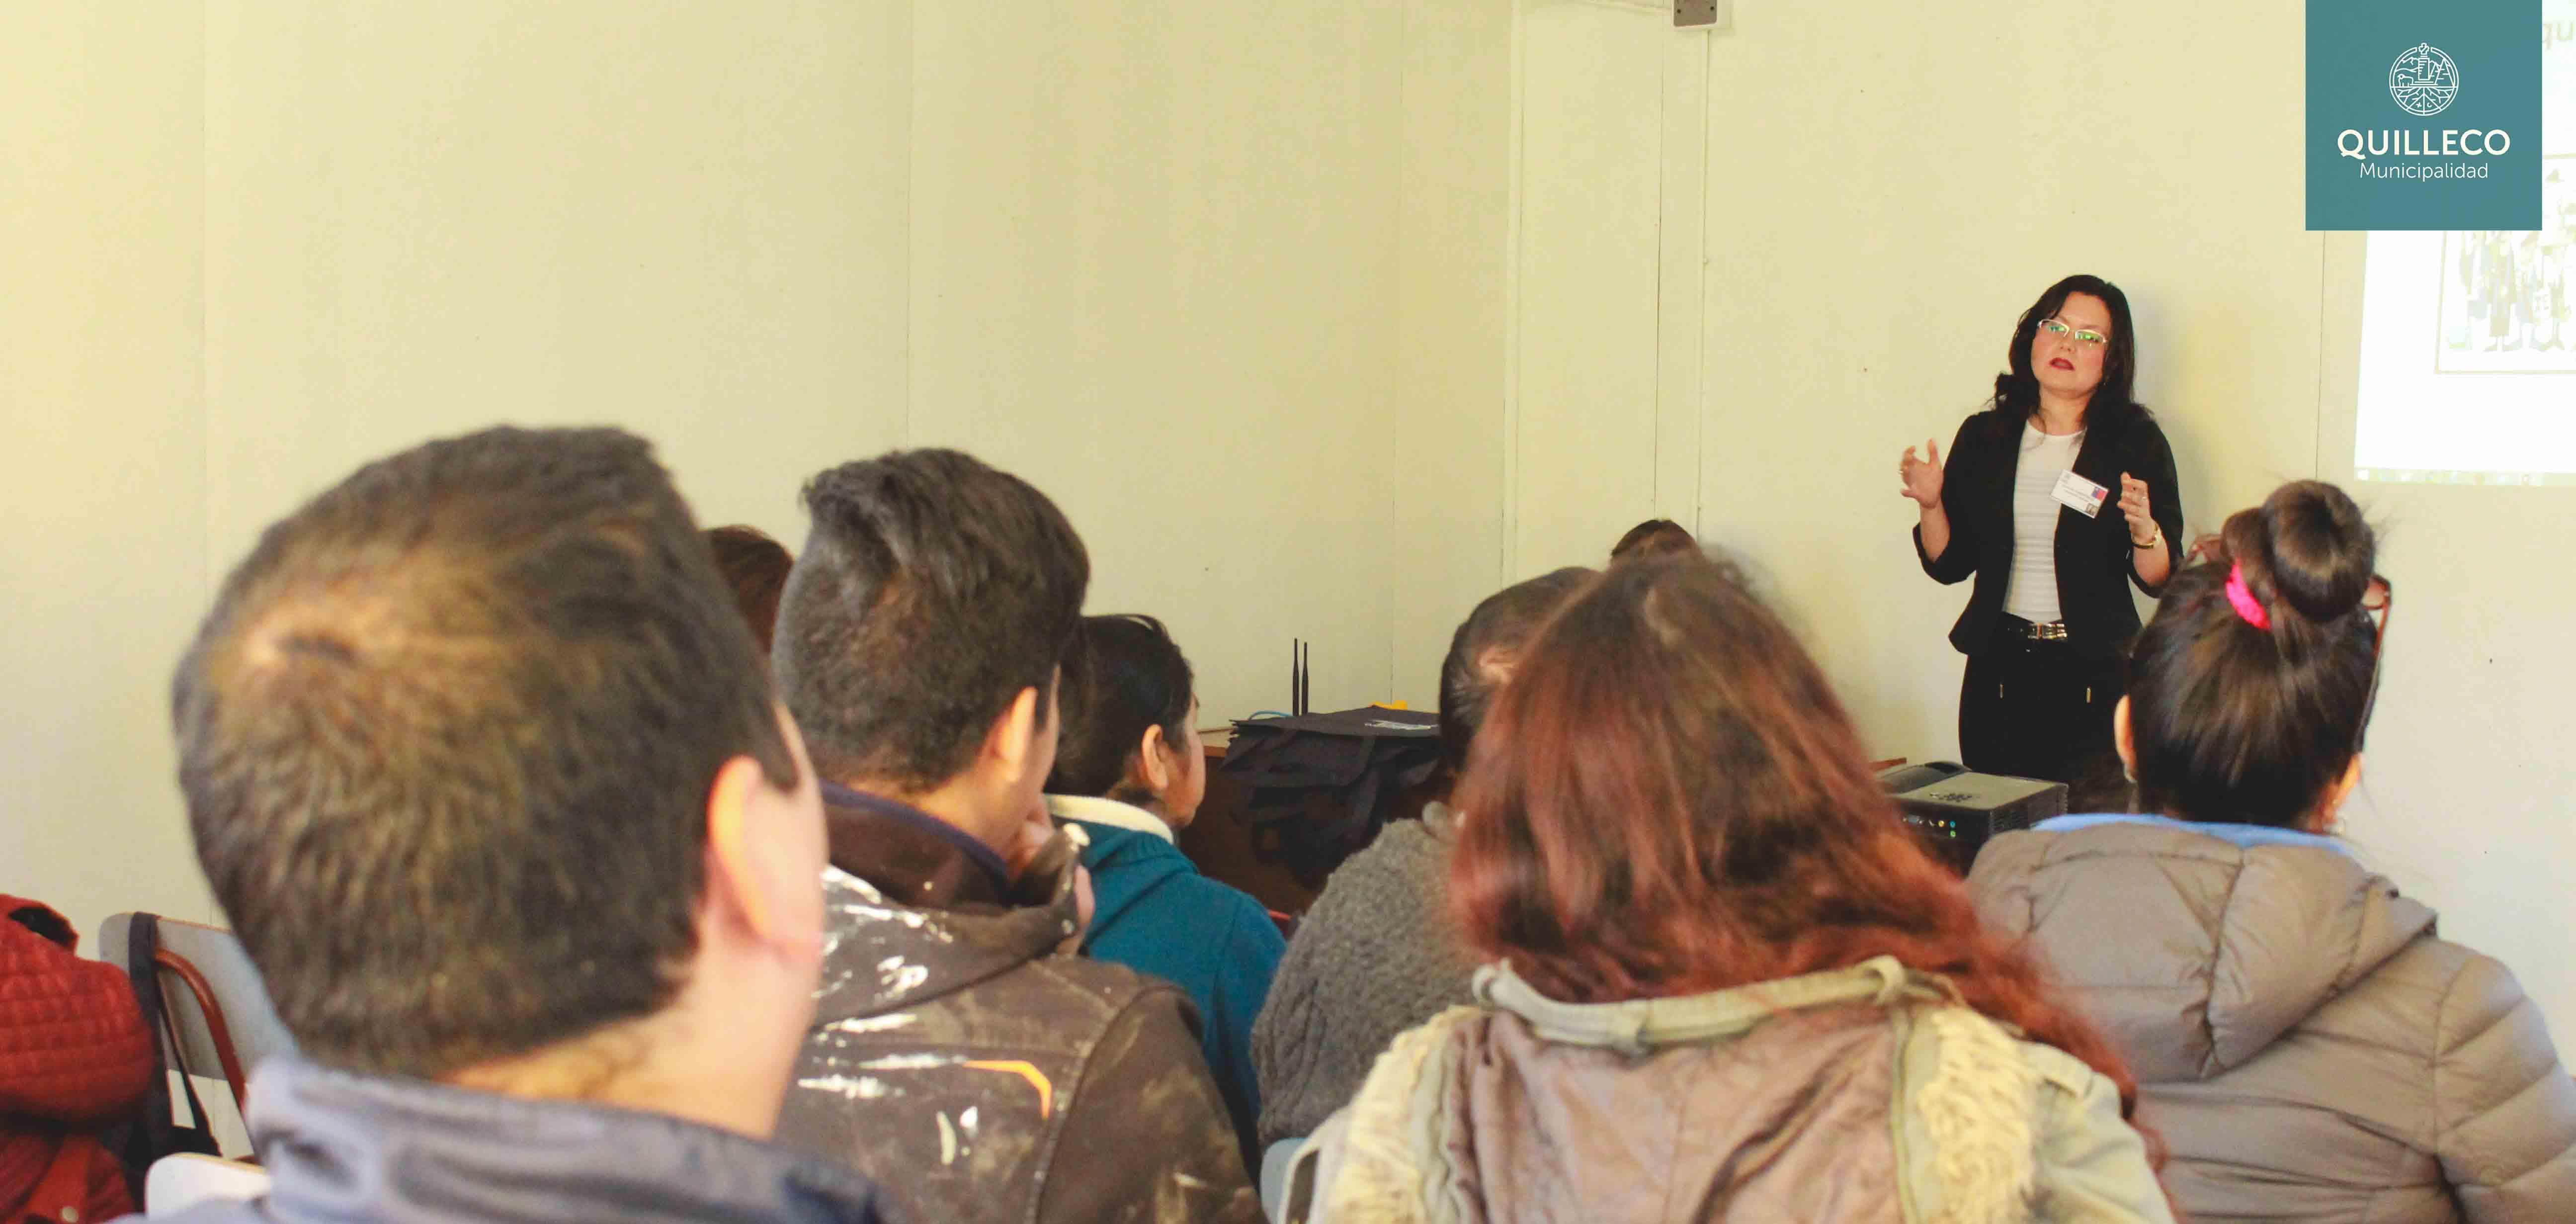 OMIL de la Municipalidad de Quilleco se encuentra realizando Talleres de Apresto Laboral 2017